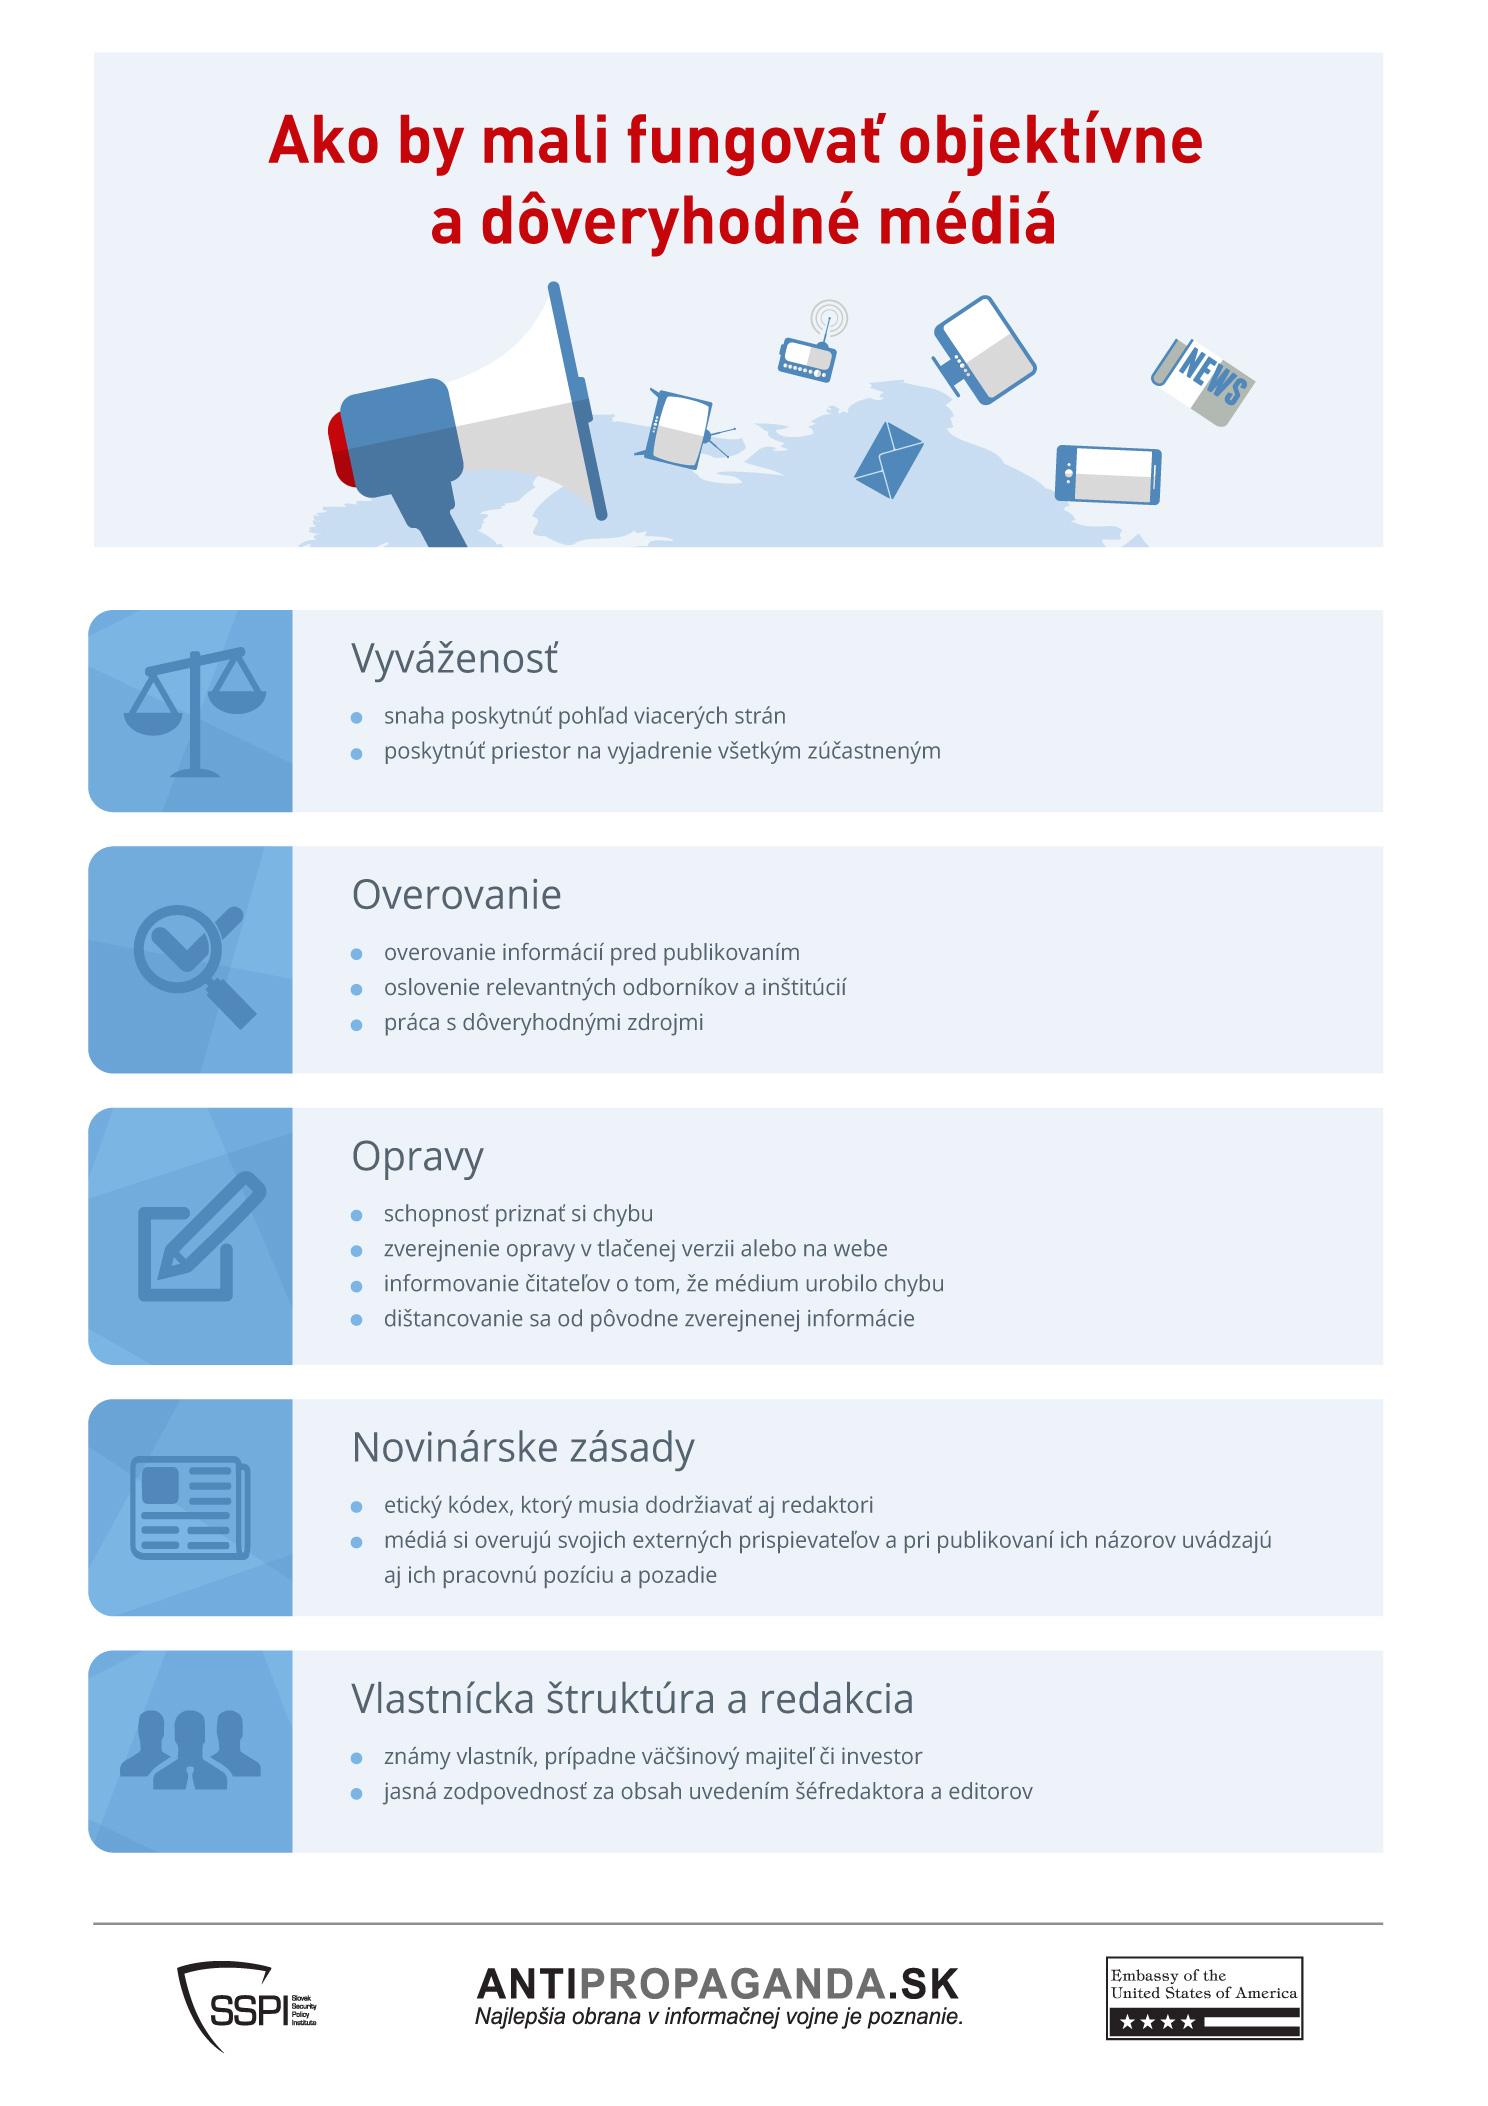 Infografika: Ako by mali fungovať objektívne a dôveryhodné médiá?